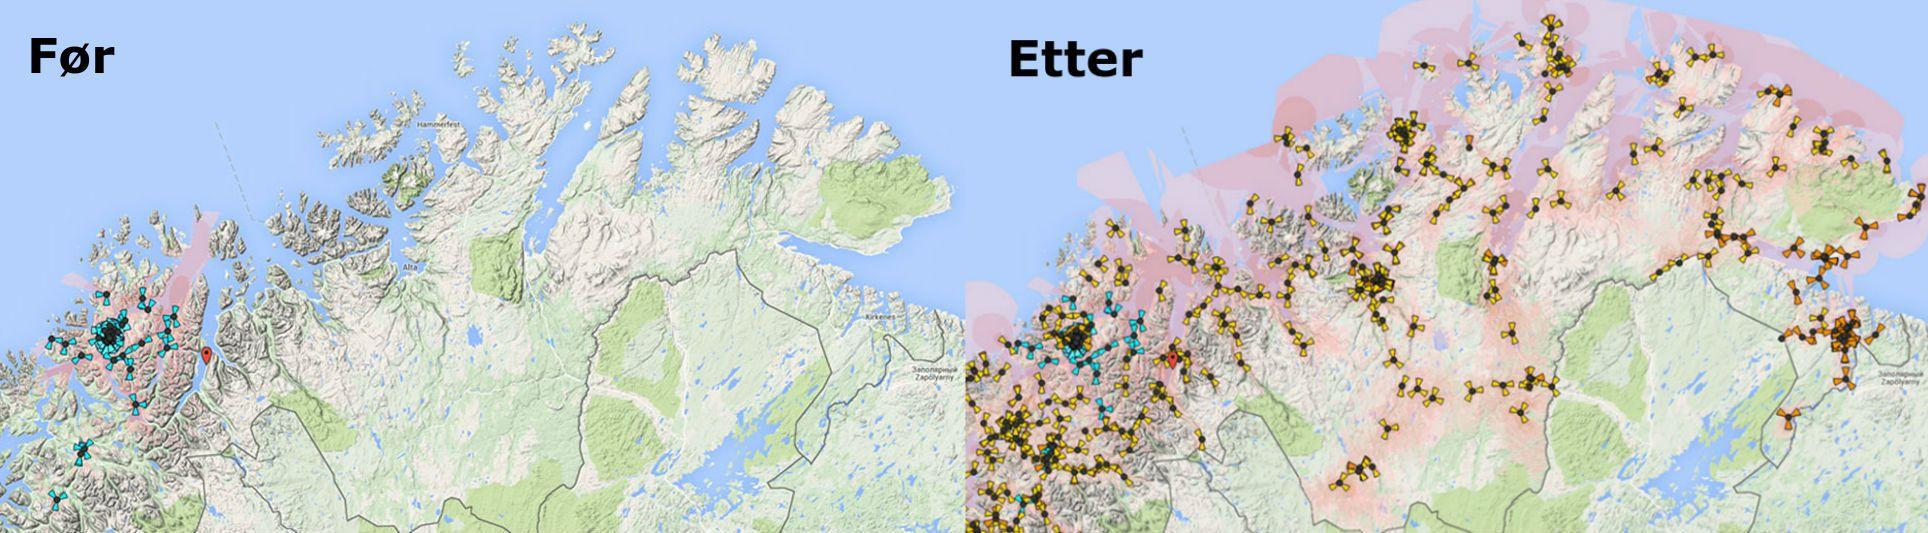 NetComs 4G-dekning i Finnmark før og etter utbyggingen som skal være ferdig i løpet av 2015. Foto: NetCom